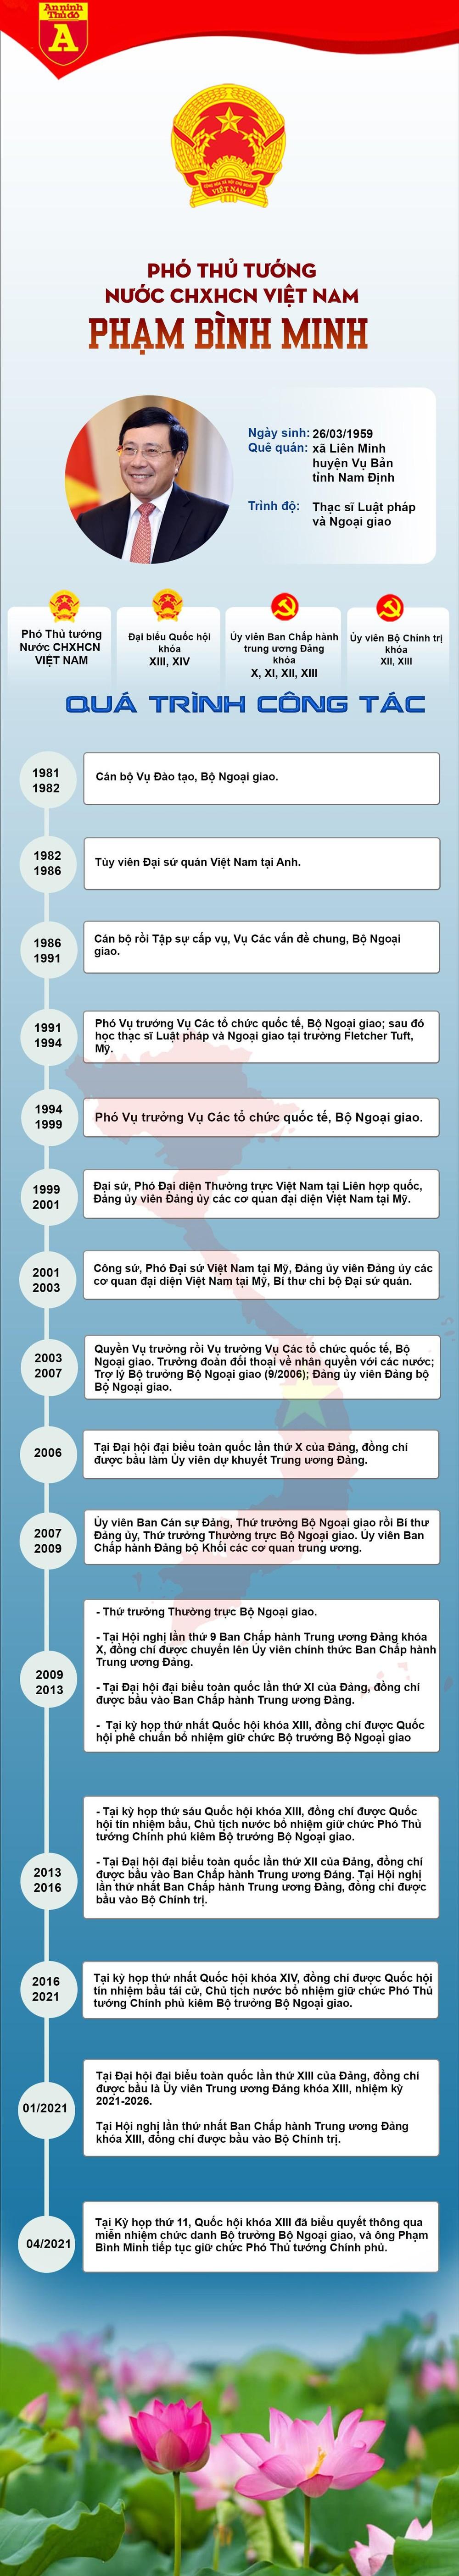 [Info] Ông Phạm Bình Minh tiếp tục giữ chức Phó Thủ tướng Chính phủ ảnh 1